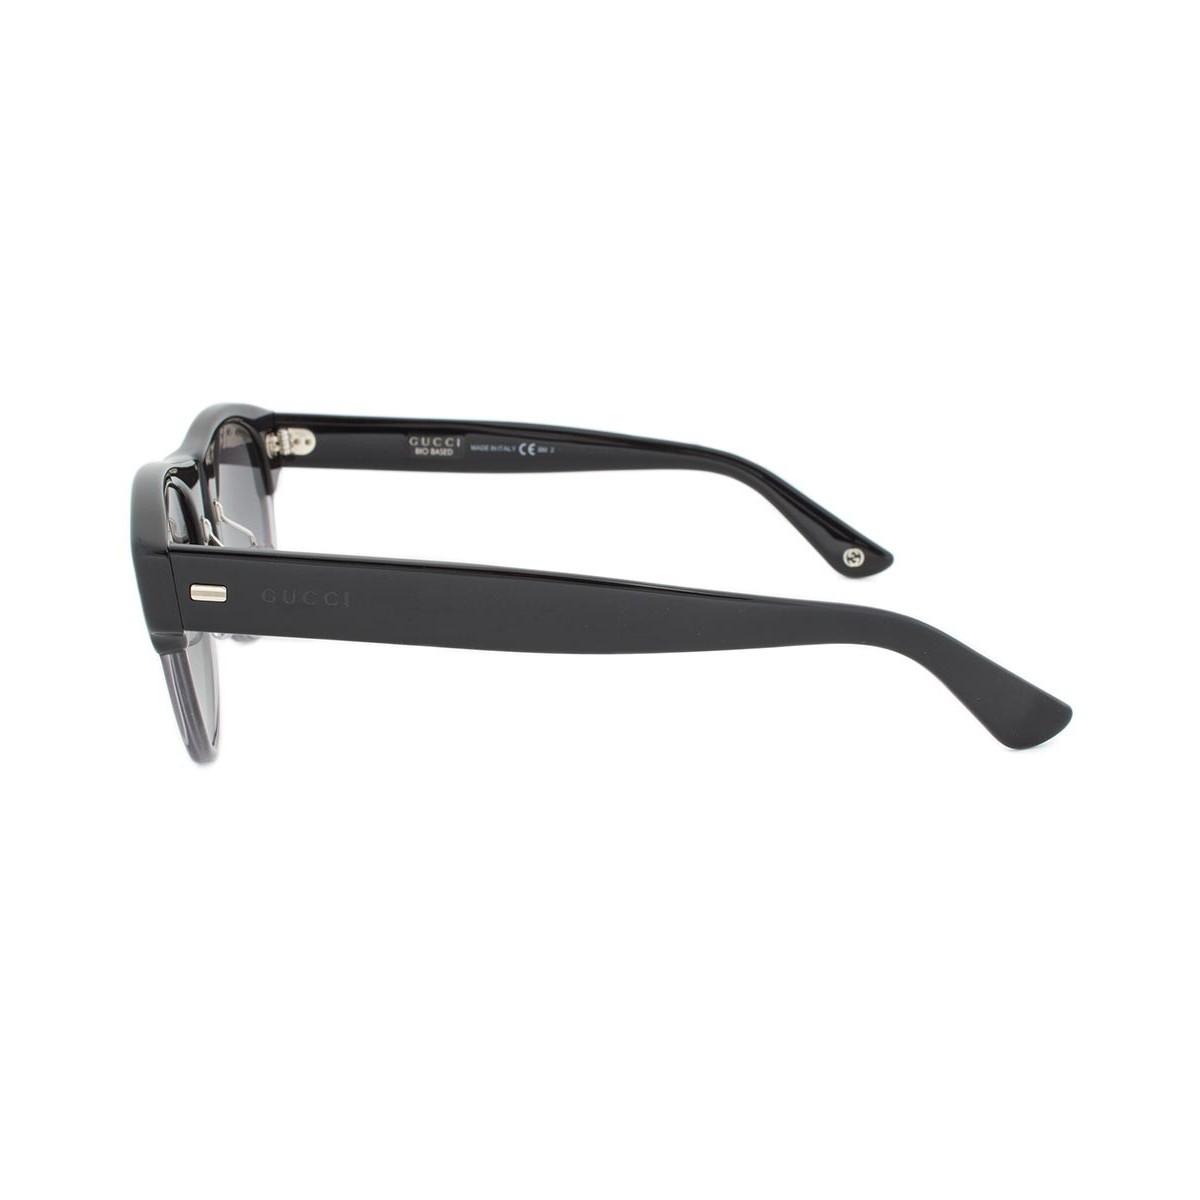 d34a1d0d9c267 Unisex GG1088 S X9H VK Semi-Rimmed Sunglasses - Gucci - Eyewear ...